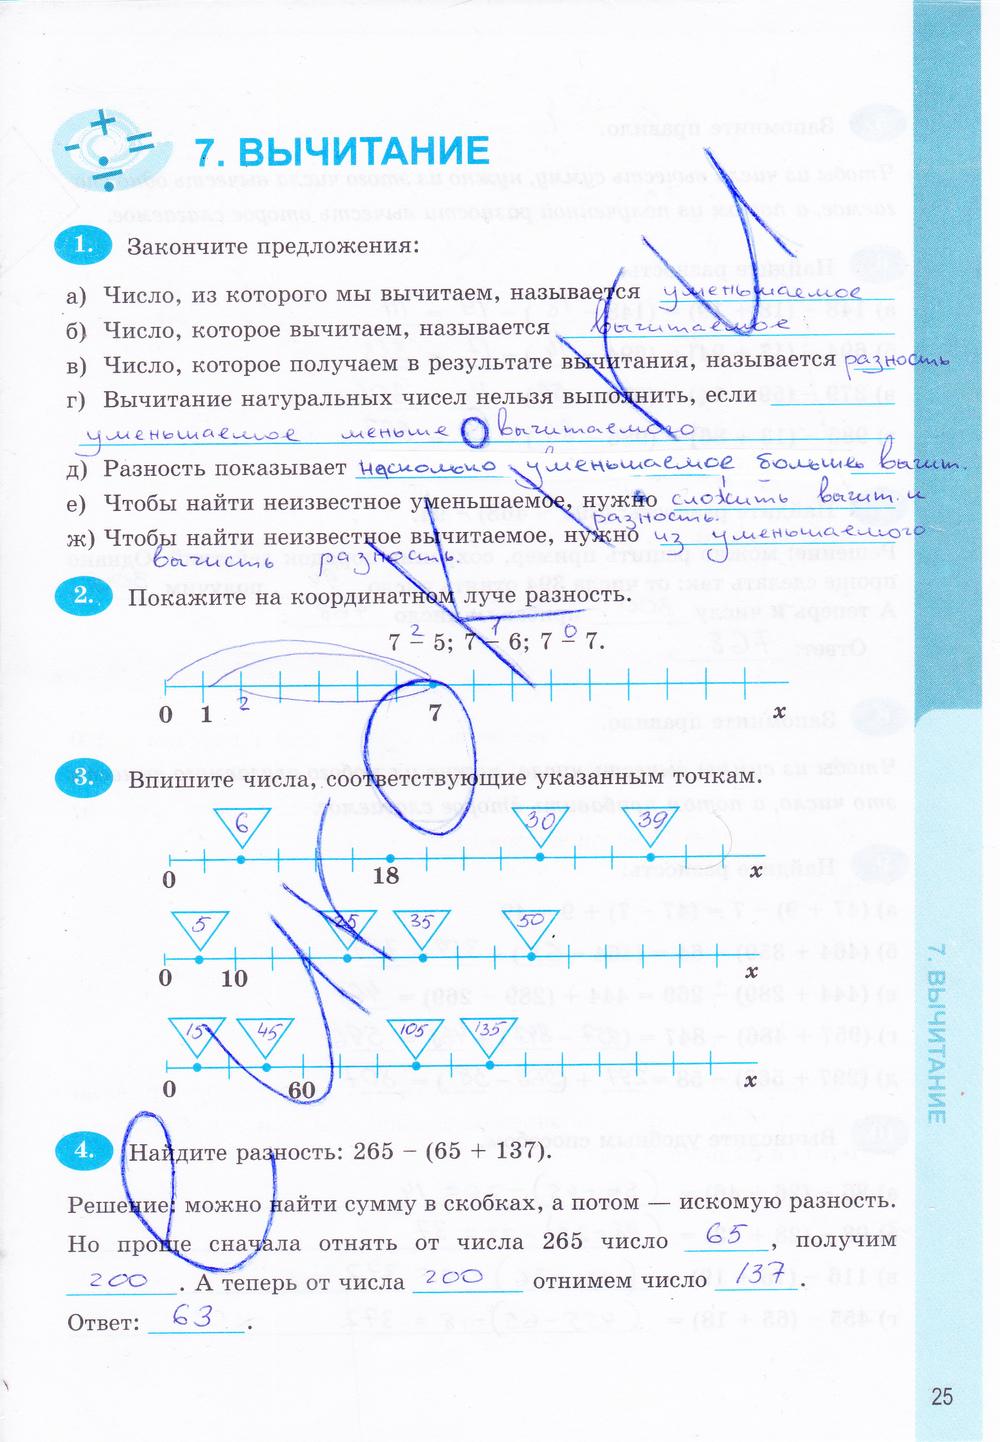 Гдз по математике 5 класс в рабочей тетради бесплатно спишите ru thbyf